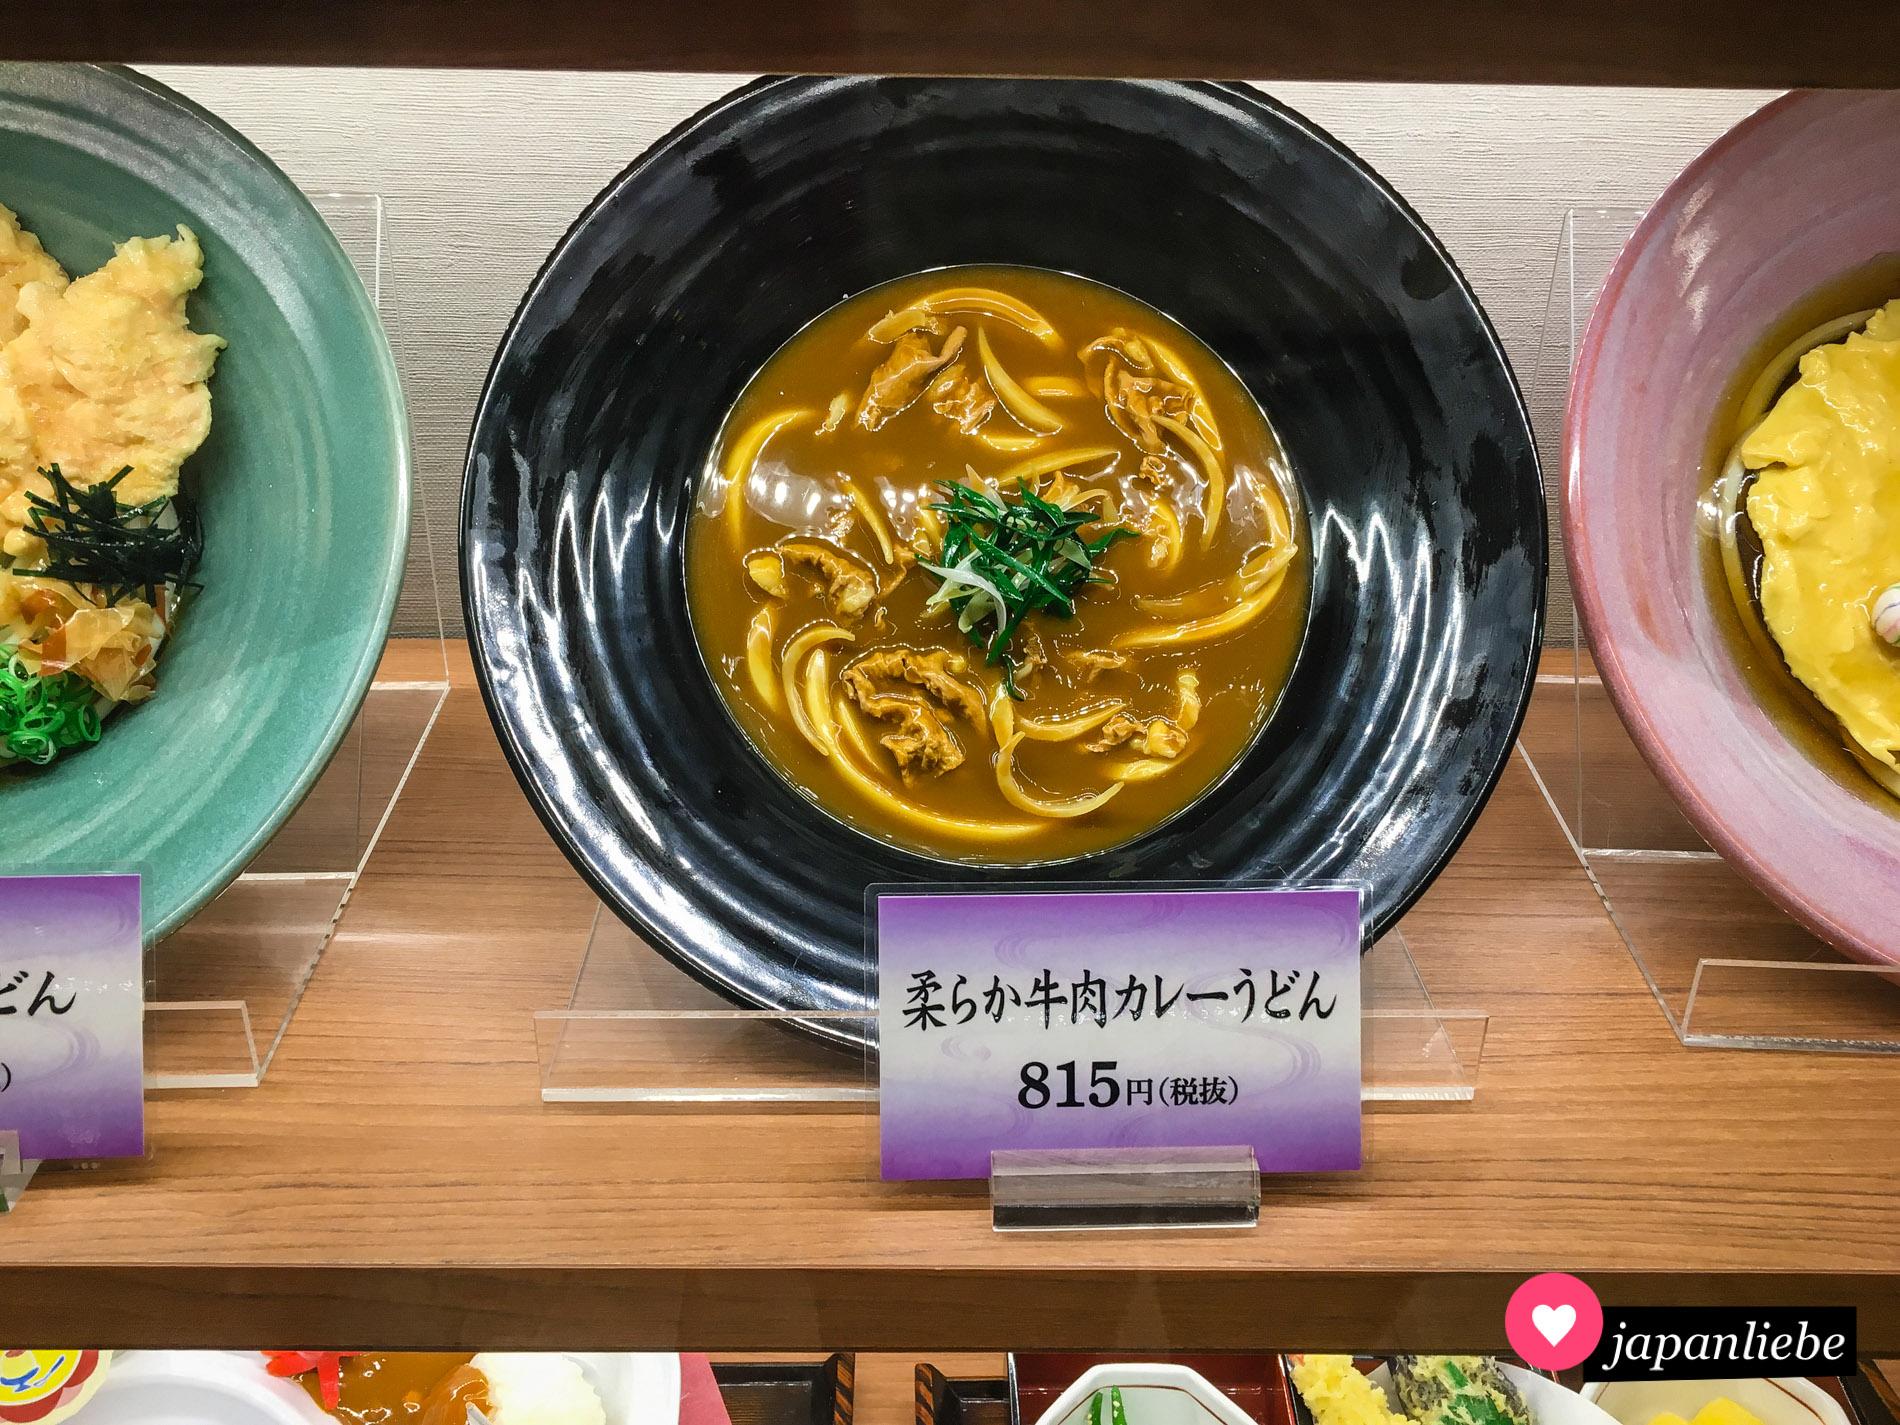 Curry Udon als naturgetreue Replik im Schaukasten eines Restaurants in Okayama.